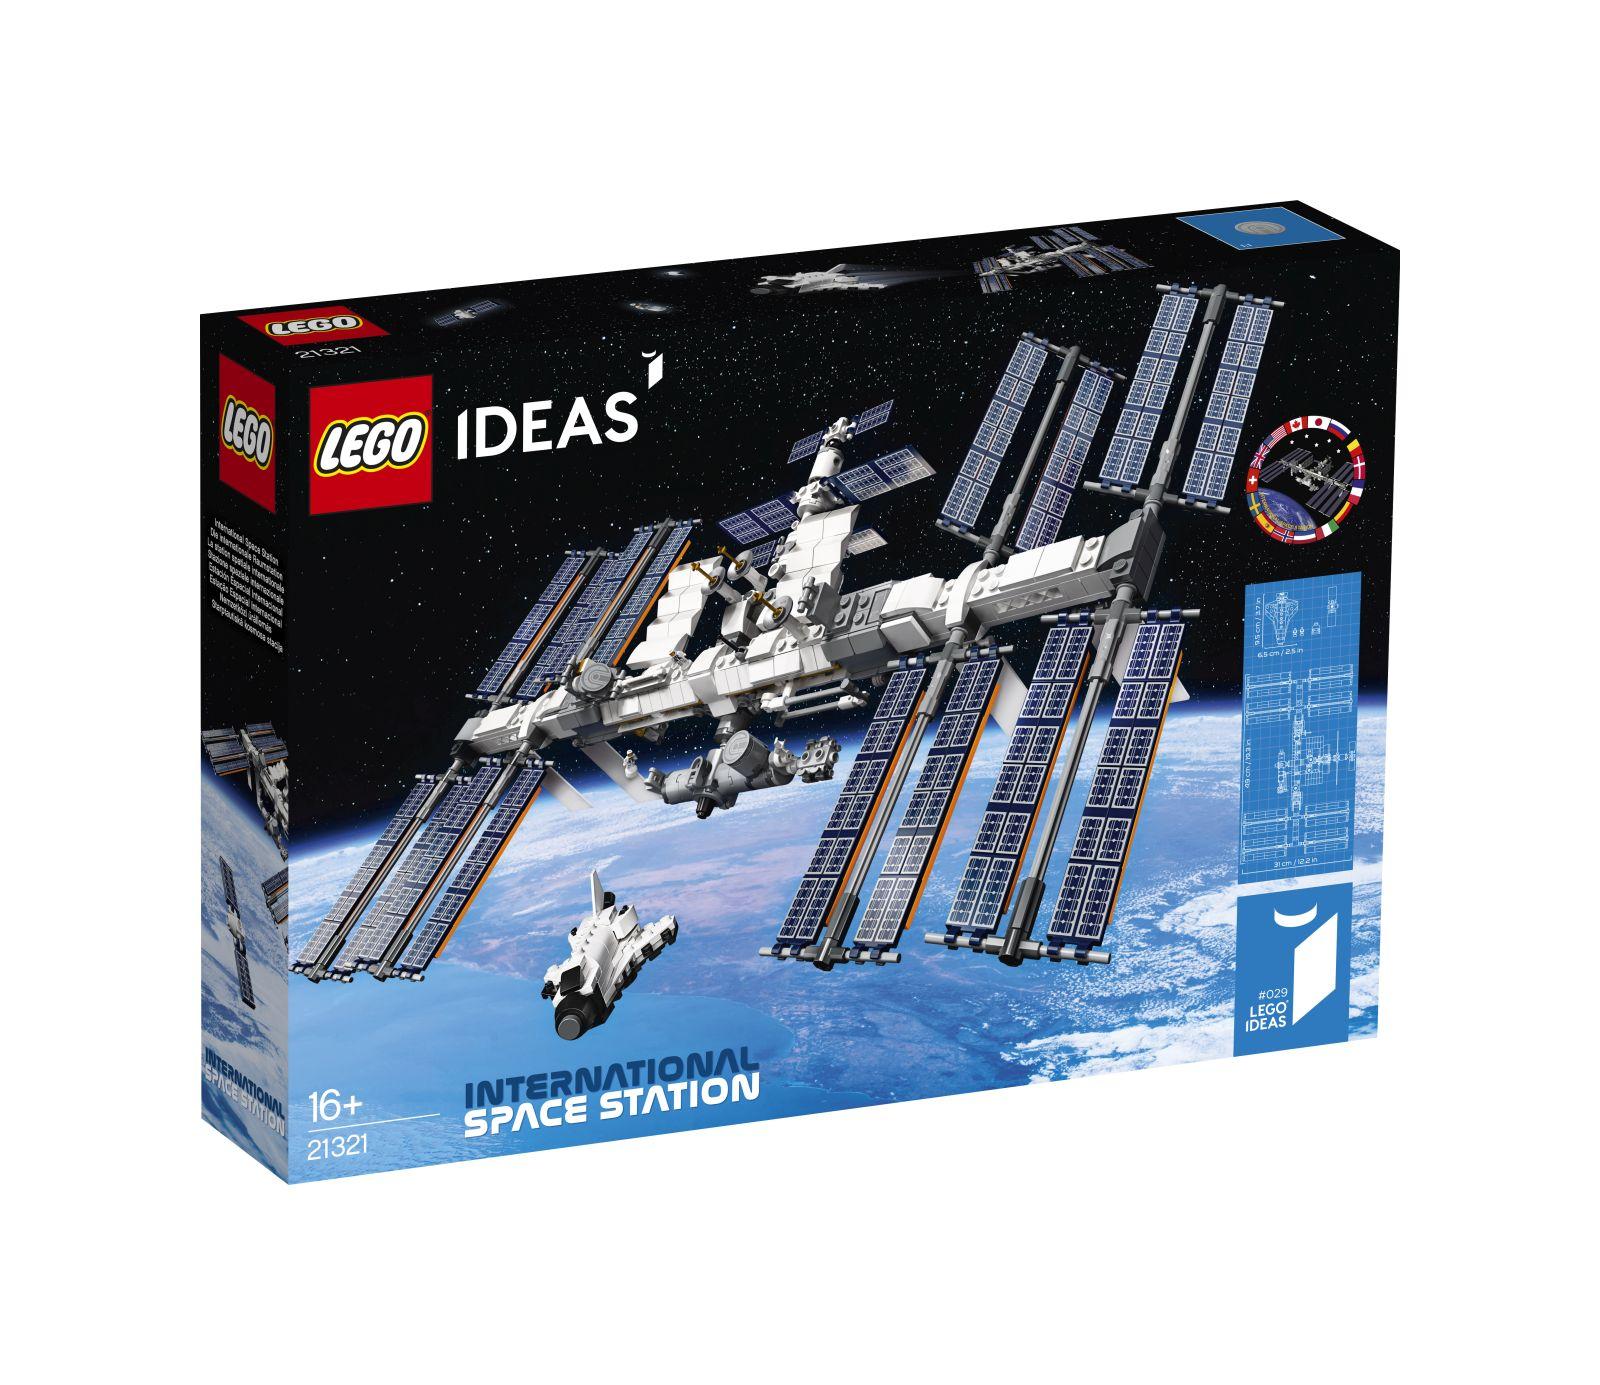 Lego ideas stazione spaziale internazionale - 21321 - Ideas, LEGO IDEAS